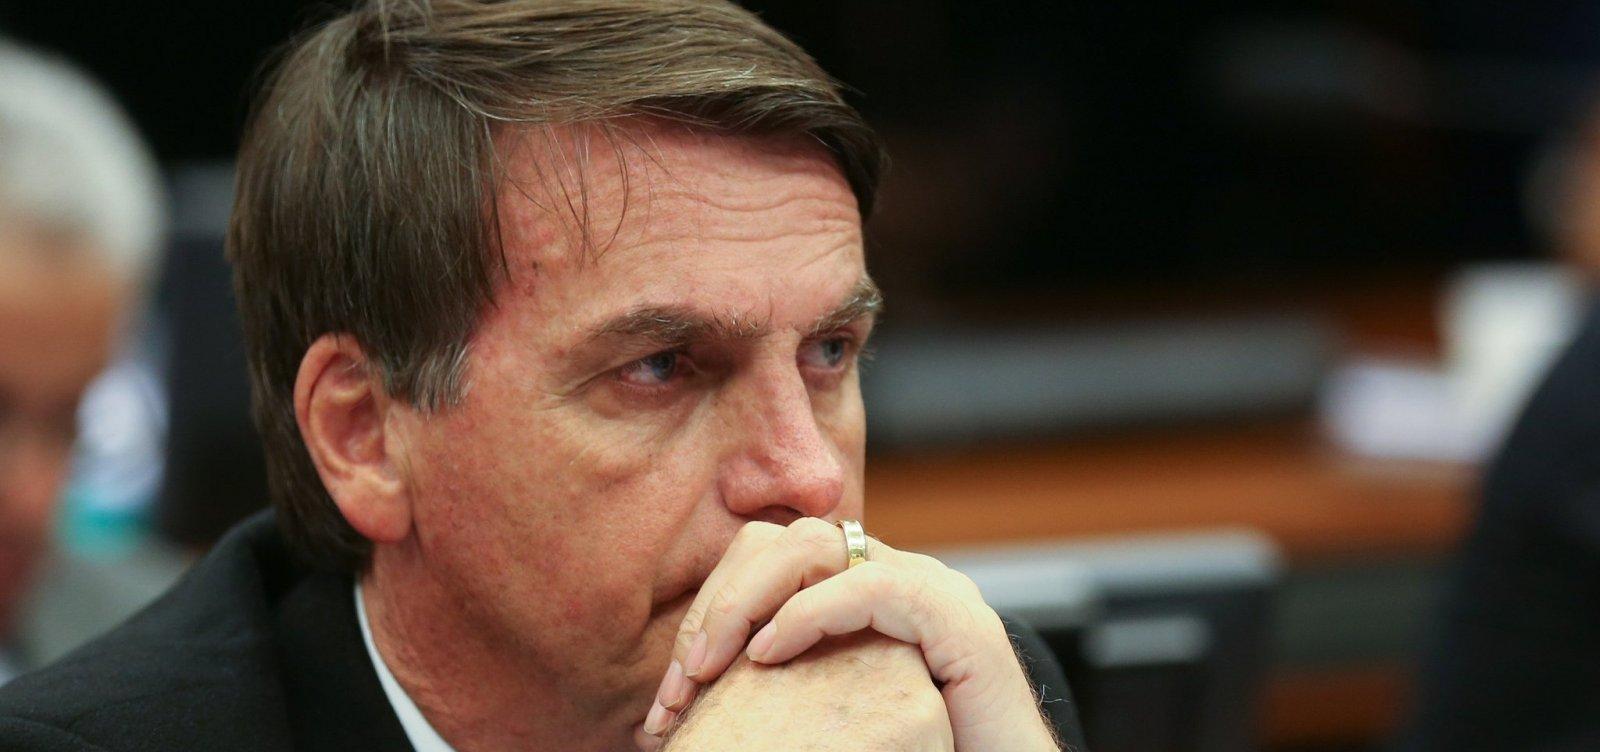 Dólar sobe e bolsa cai com declarações de Bolsonaro